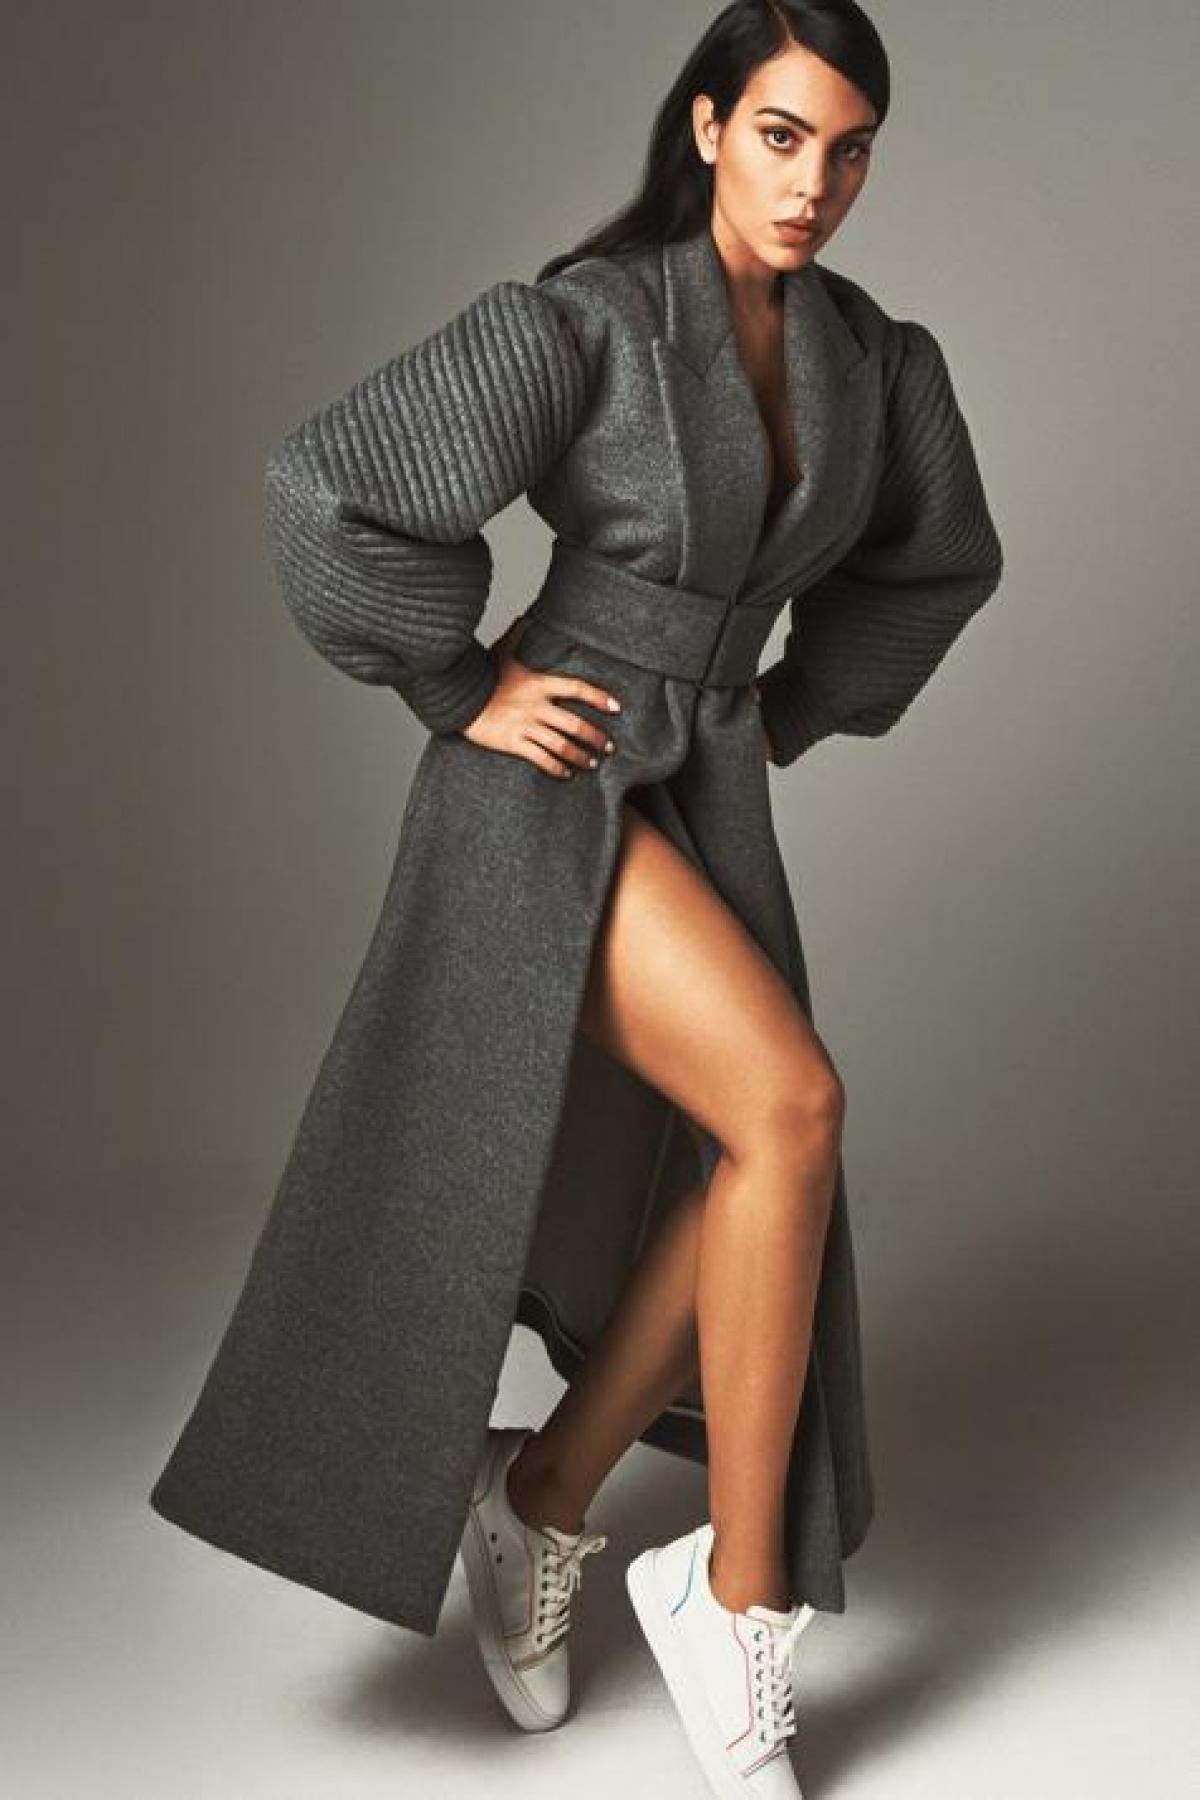 Người đẹp khoác áo choàng xẻ cao, khoe khéo đôi chân thon dài gợi cảm.